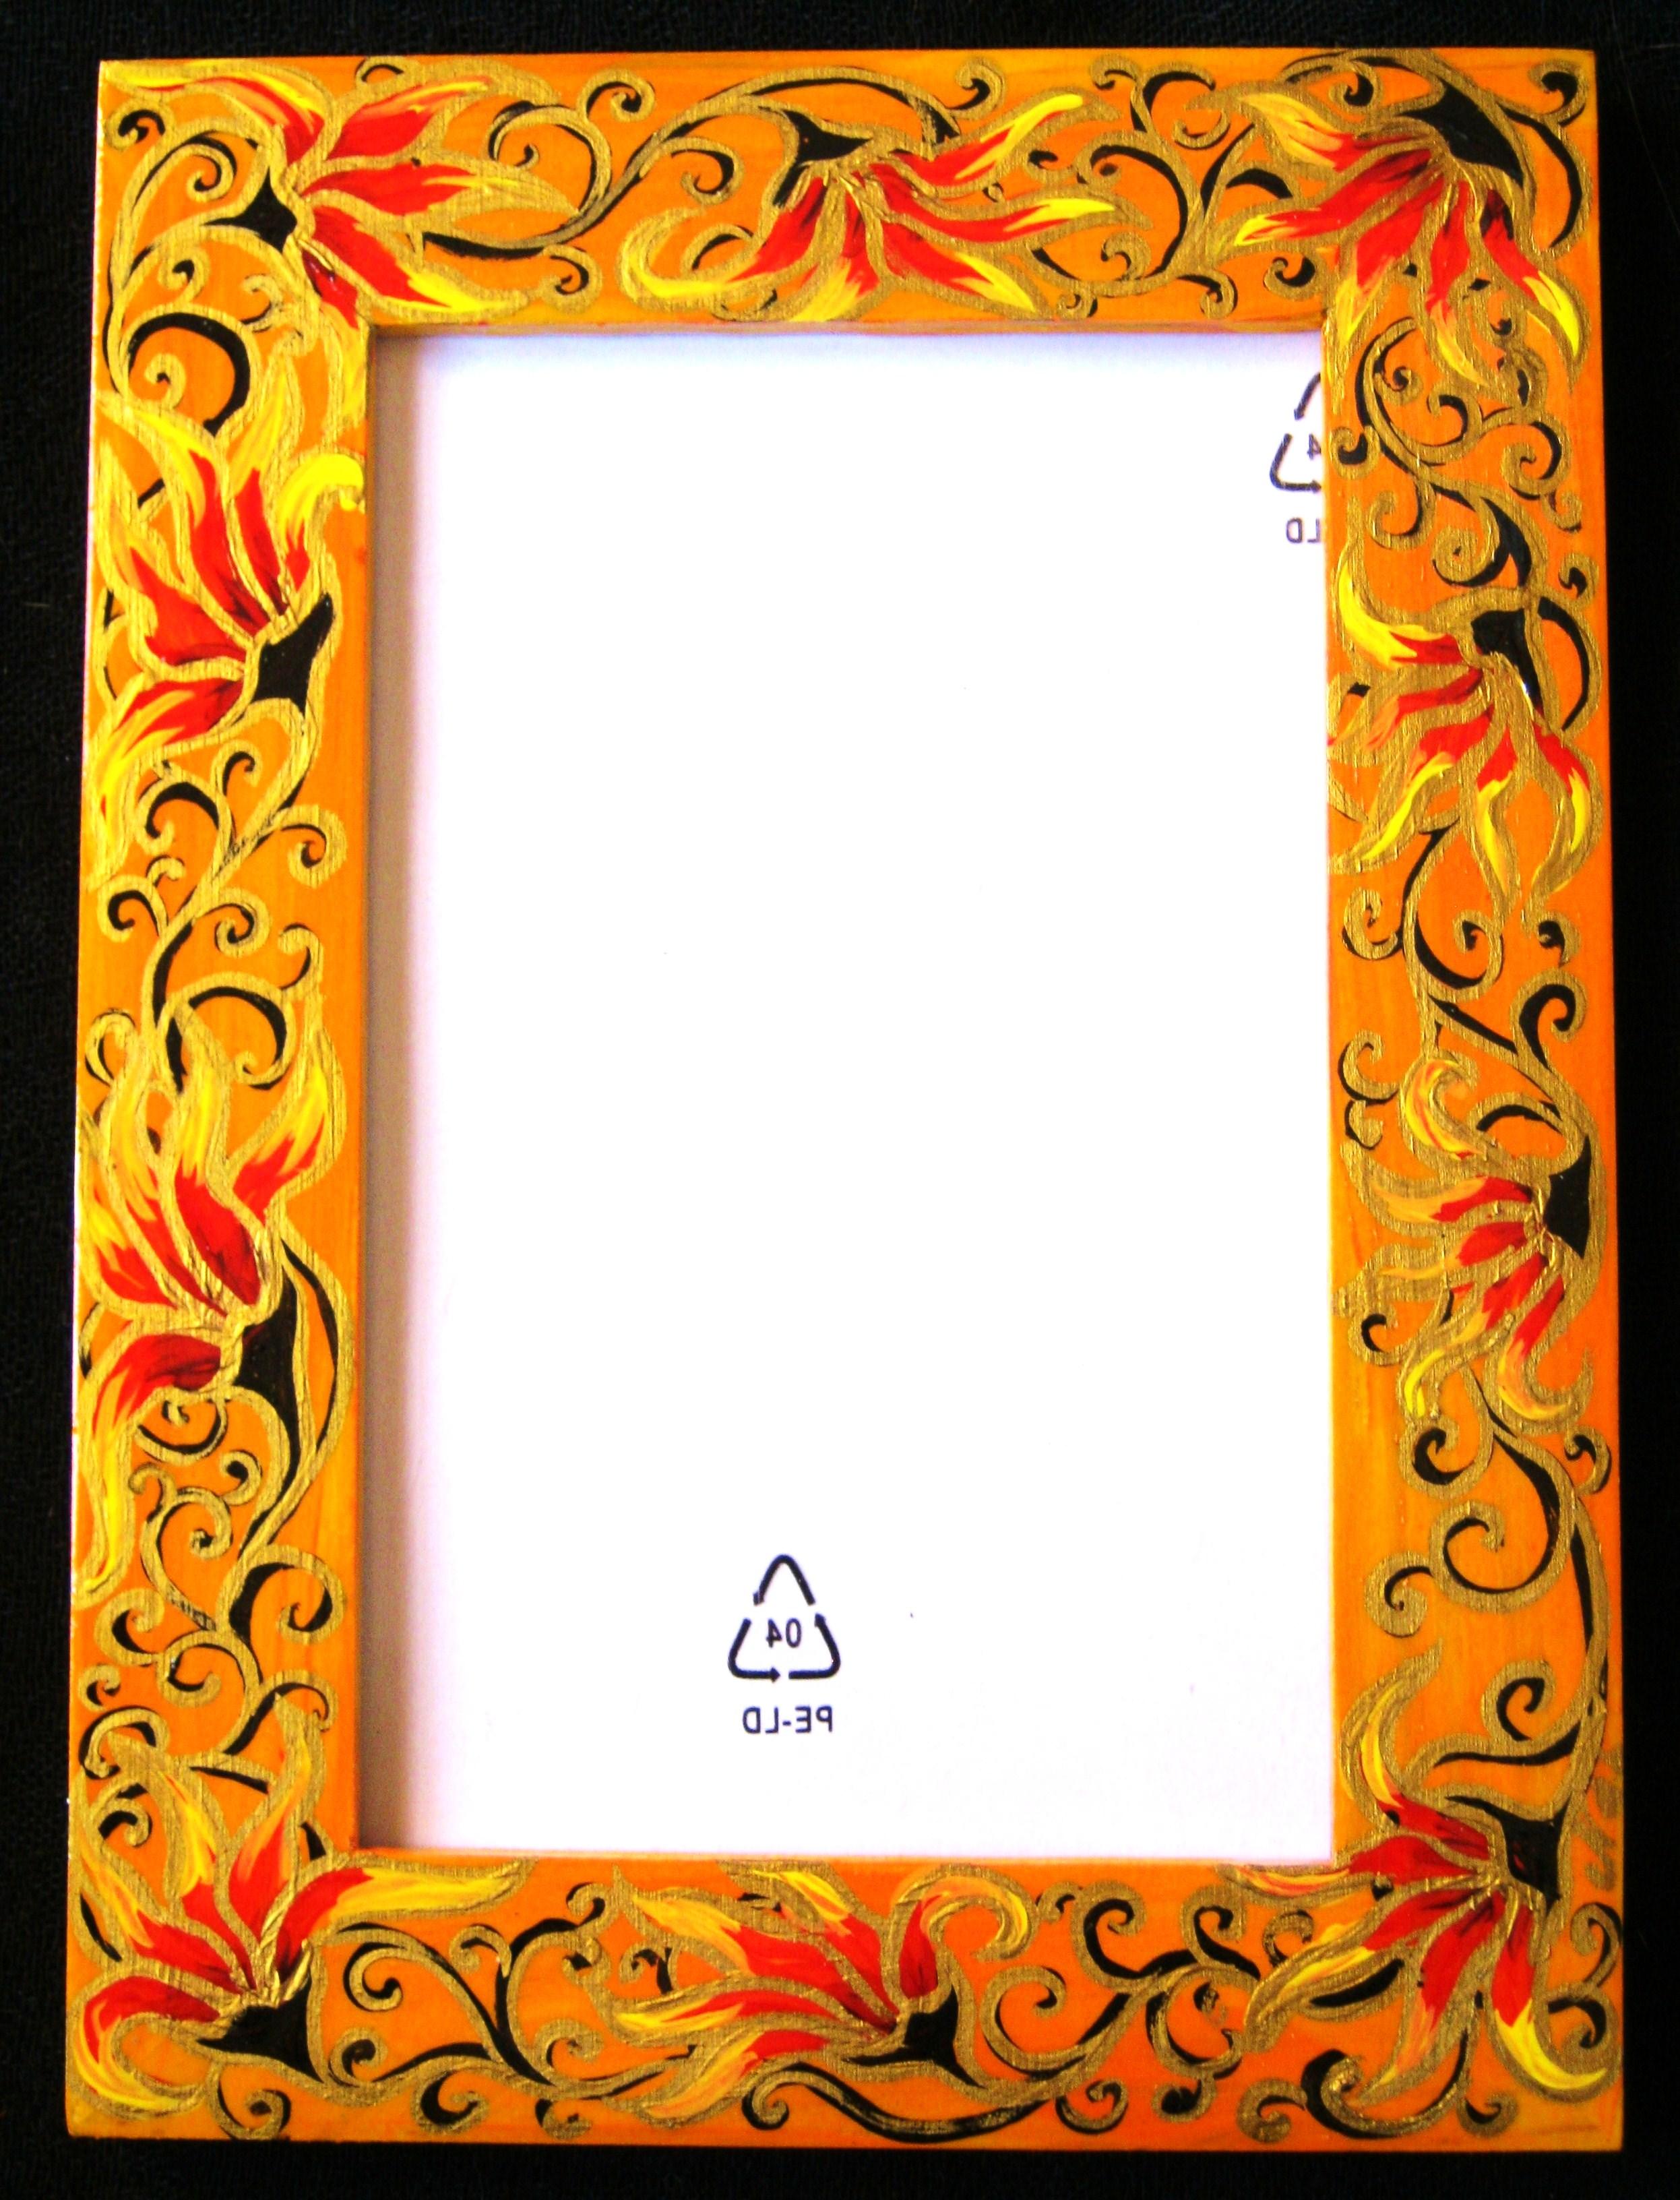 Gigi Art - Frames